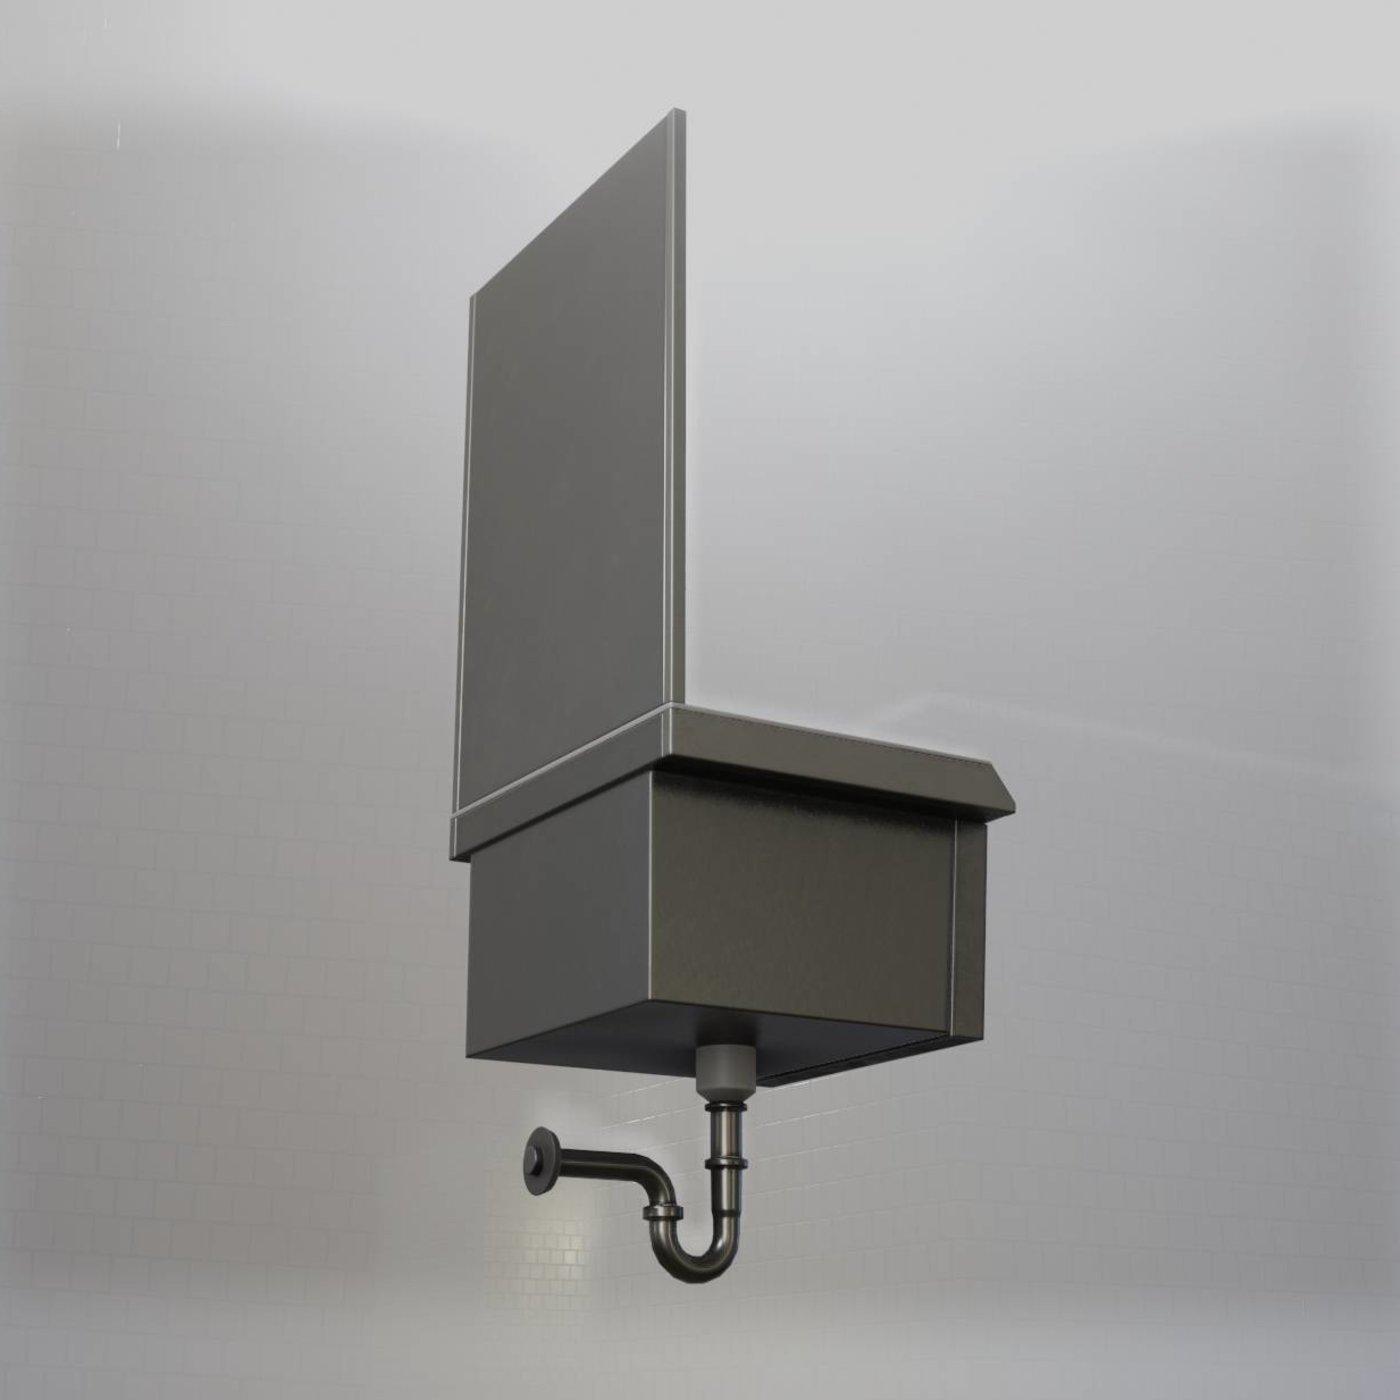 Public Metal Sink - 7 - with Mirror Low-poly  (Blender-2.92 Eevee)